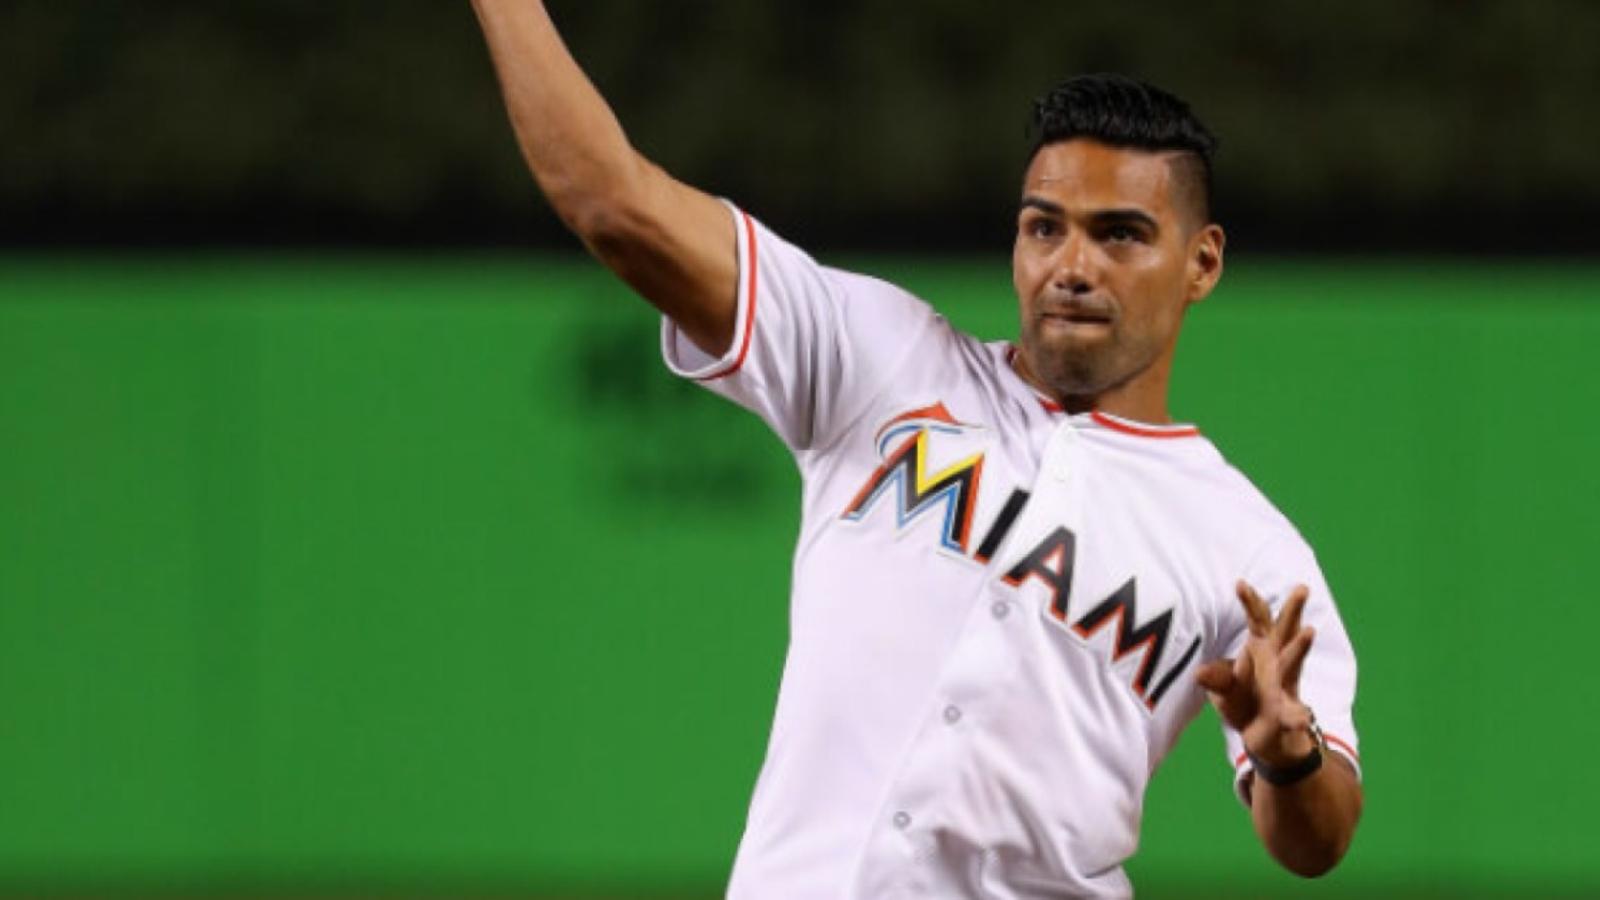 Radamel Falcao y su afición por el béisbol